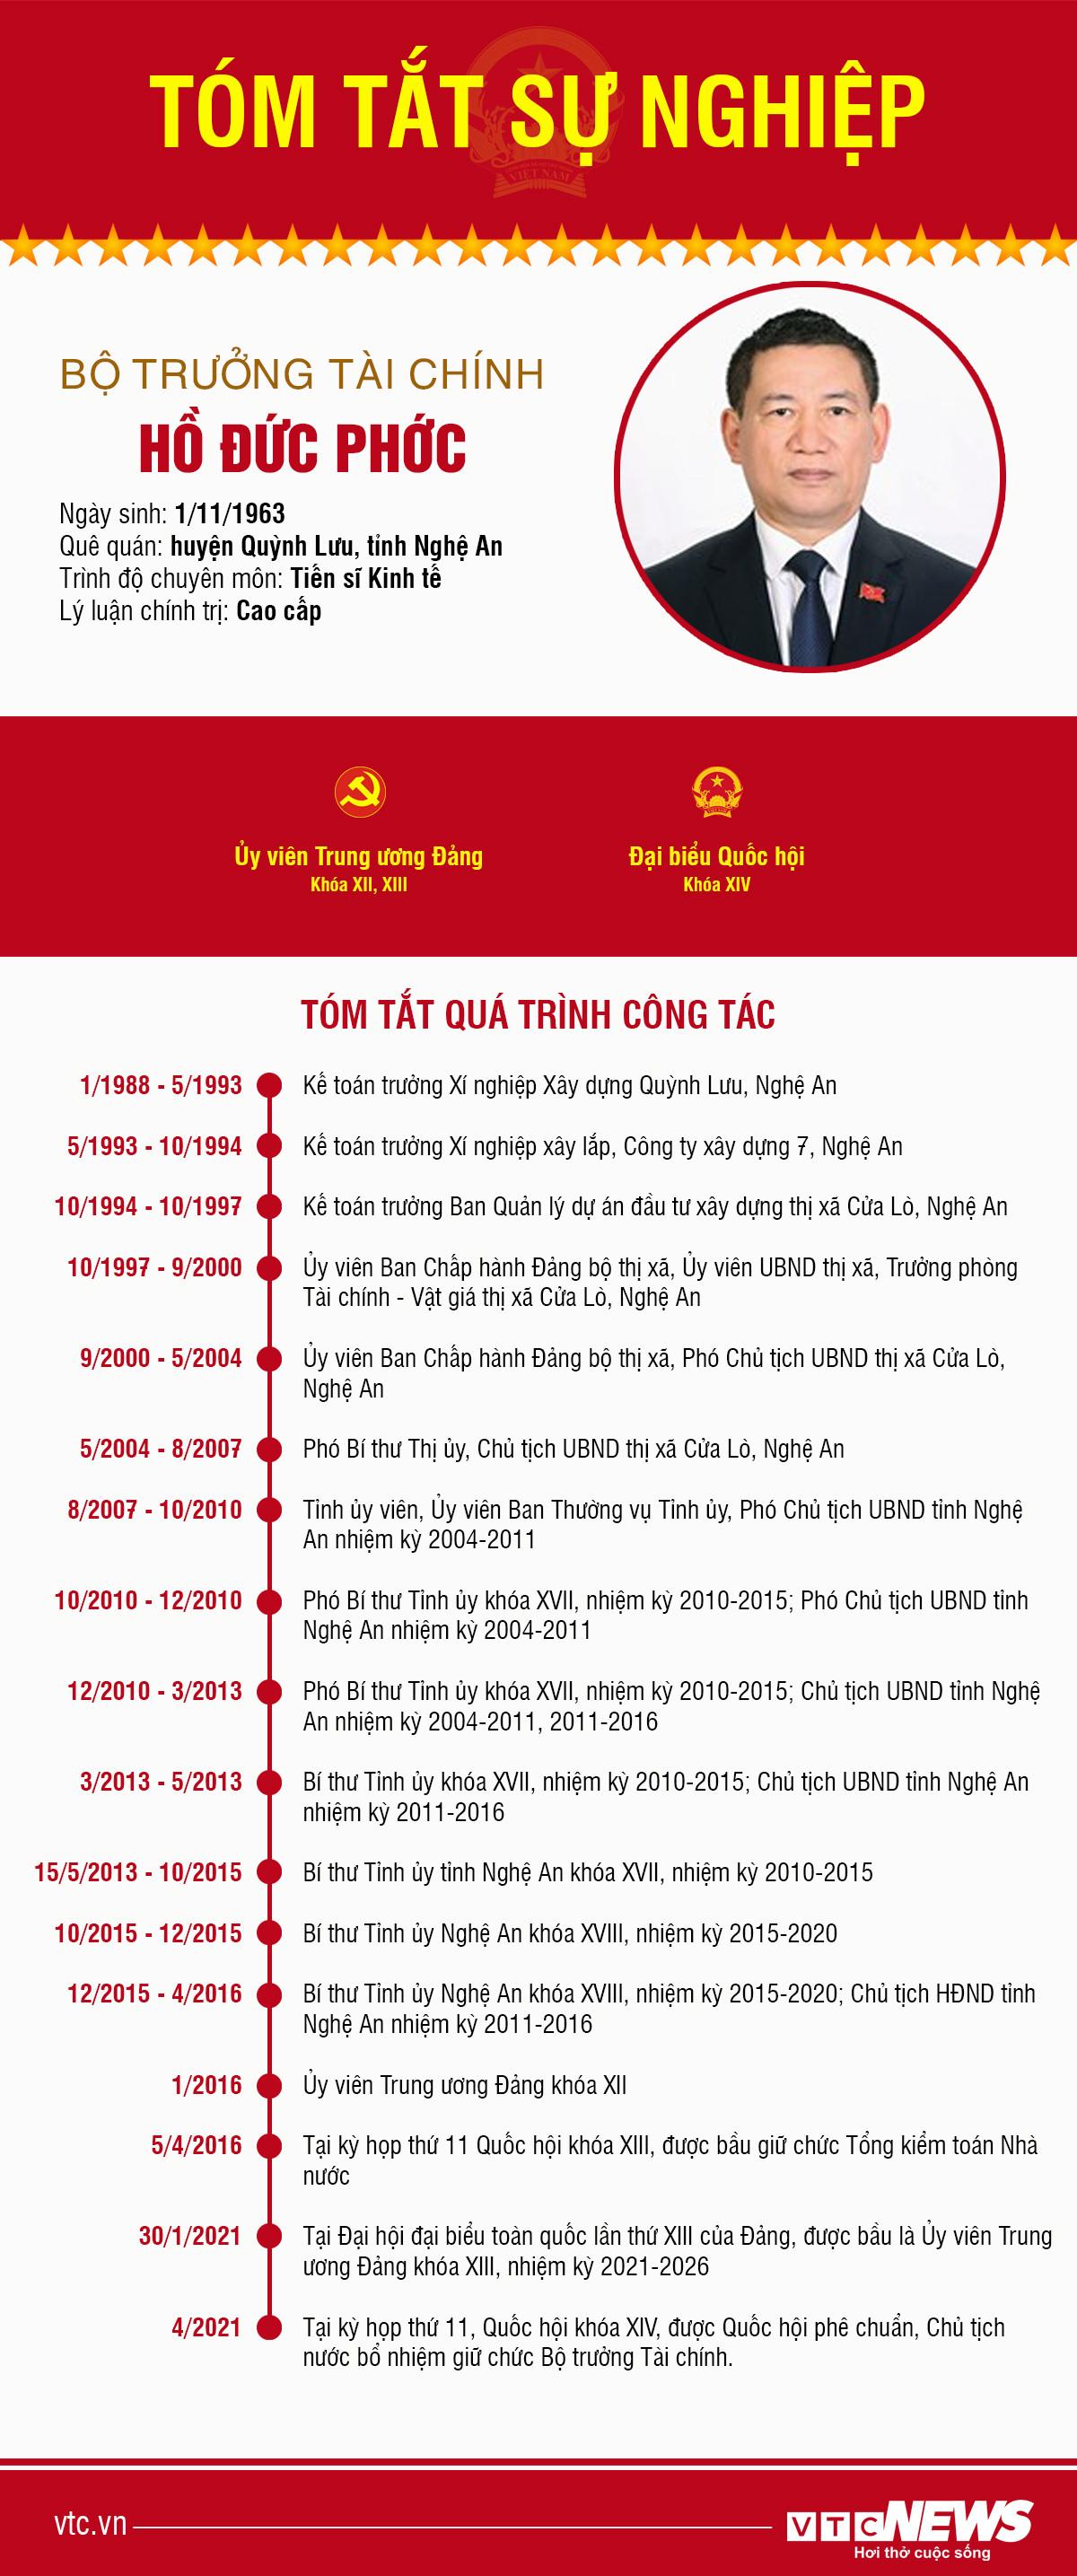 Infographic: Sự nghiệp Bộ trưởng Tài chính Hồ Đức Phớc - 1